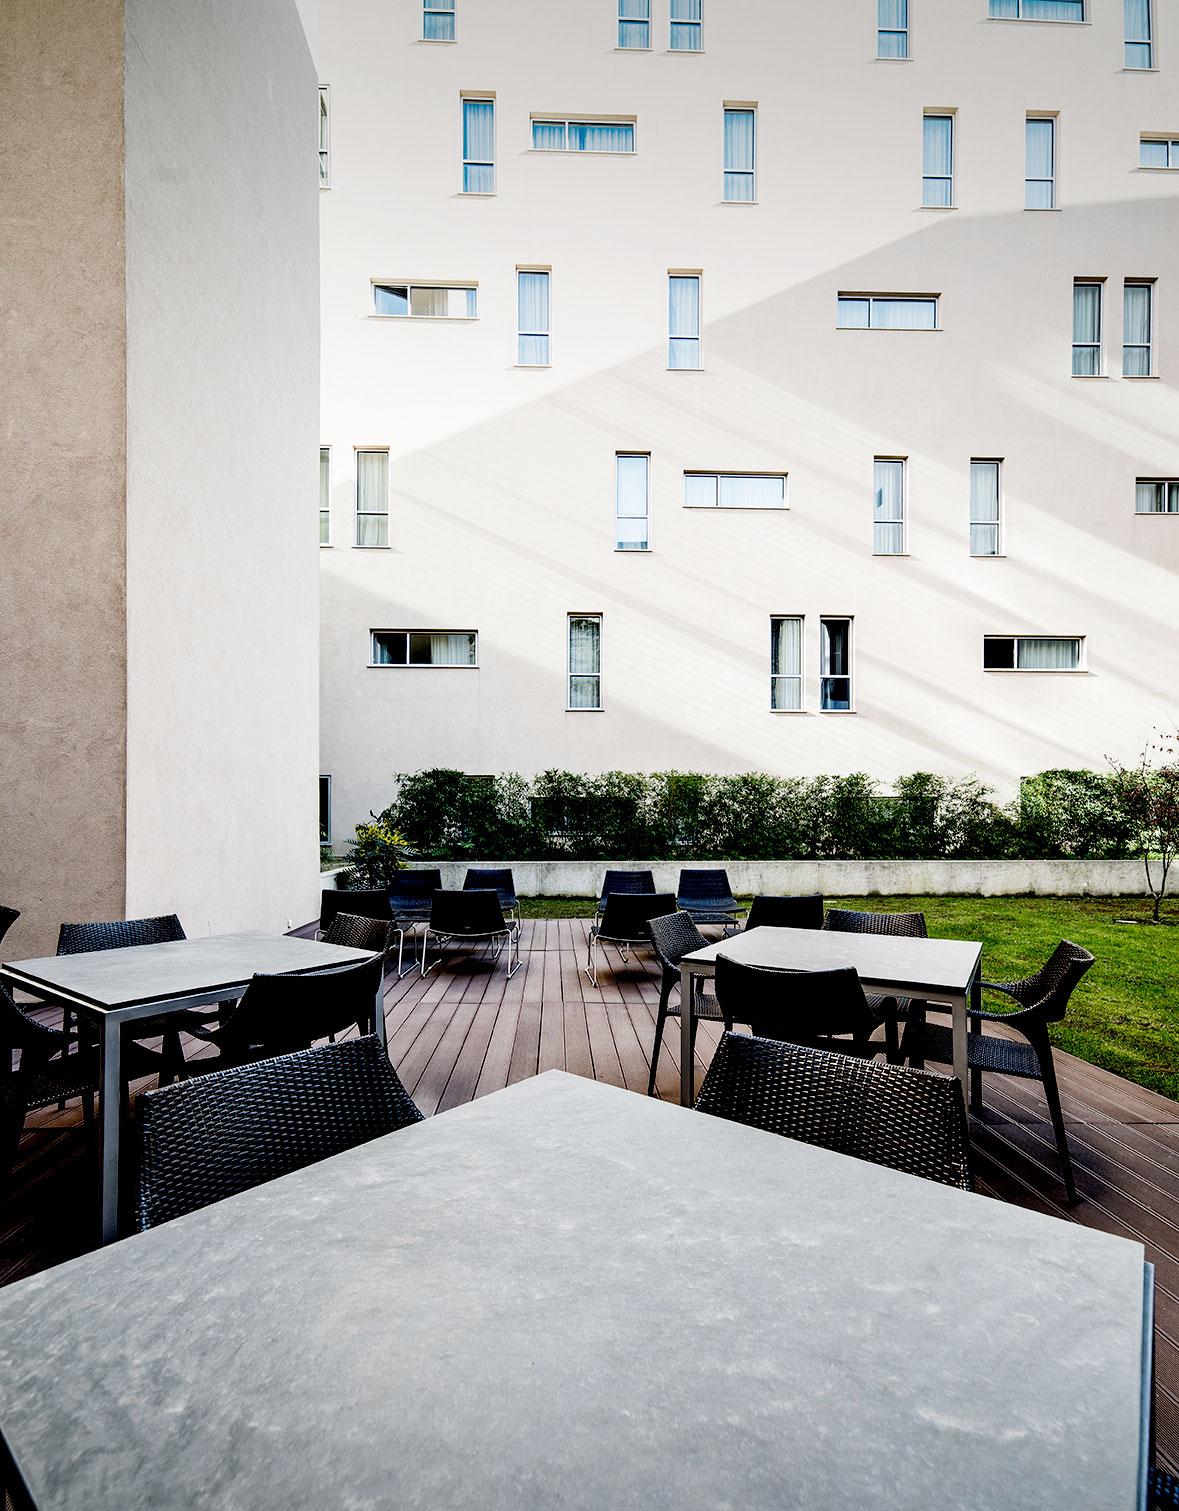 Hotel, Hotel Moov, Moov Hotel, Hotel Porto, Porto Hotel, Hotel Porto Económico, Hotel Moov Porto Centro, Porto